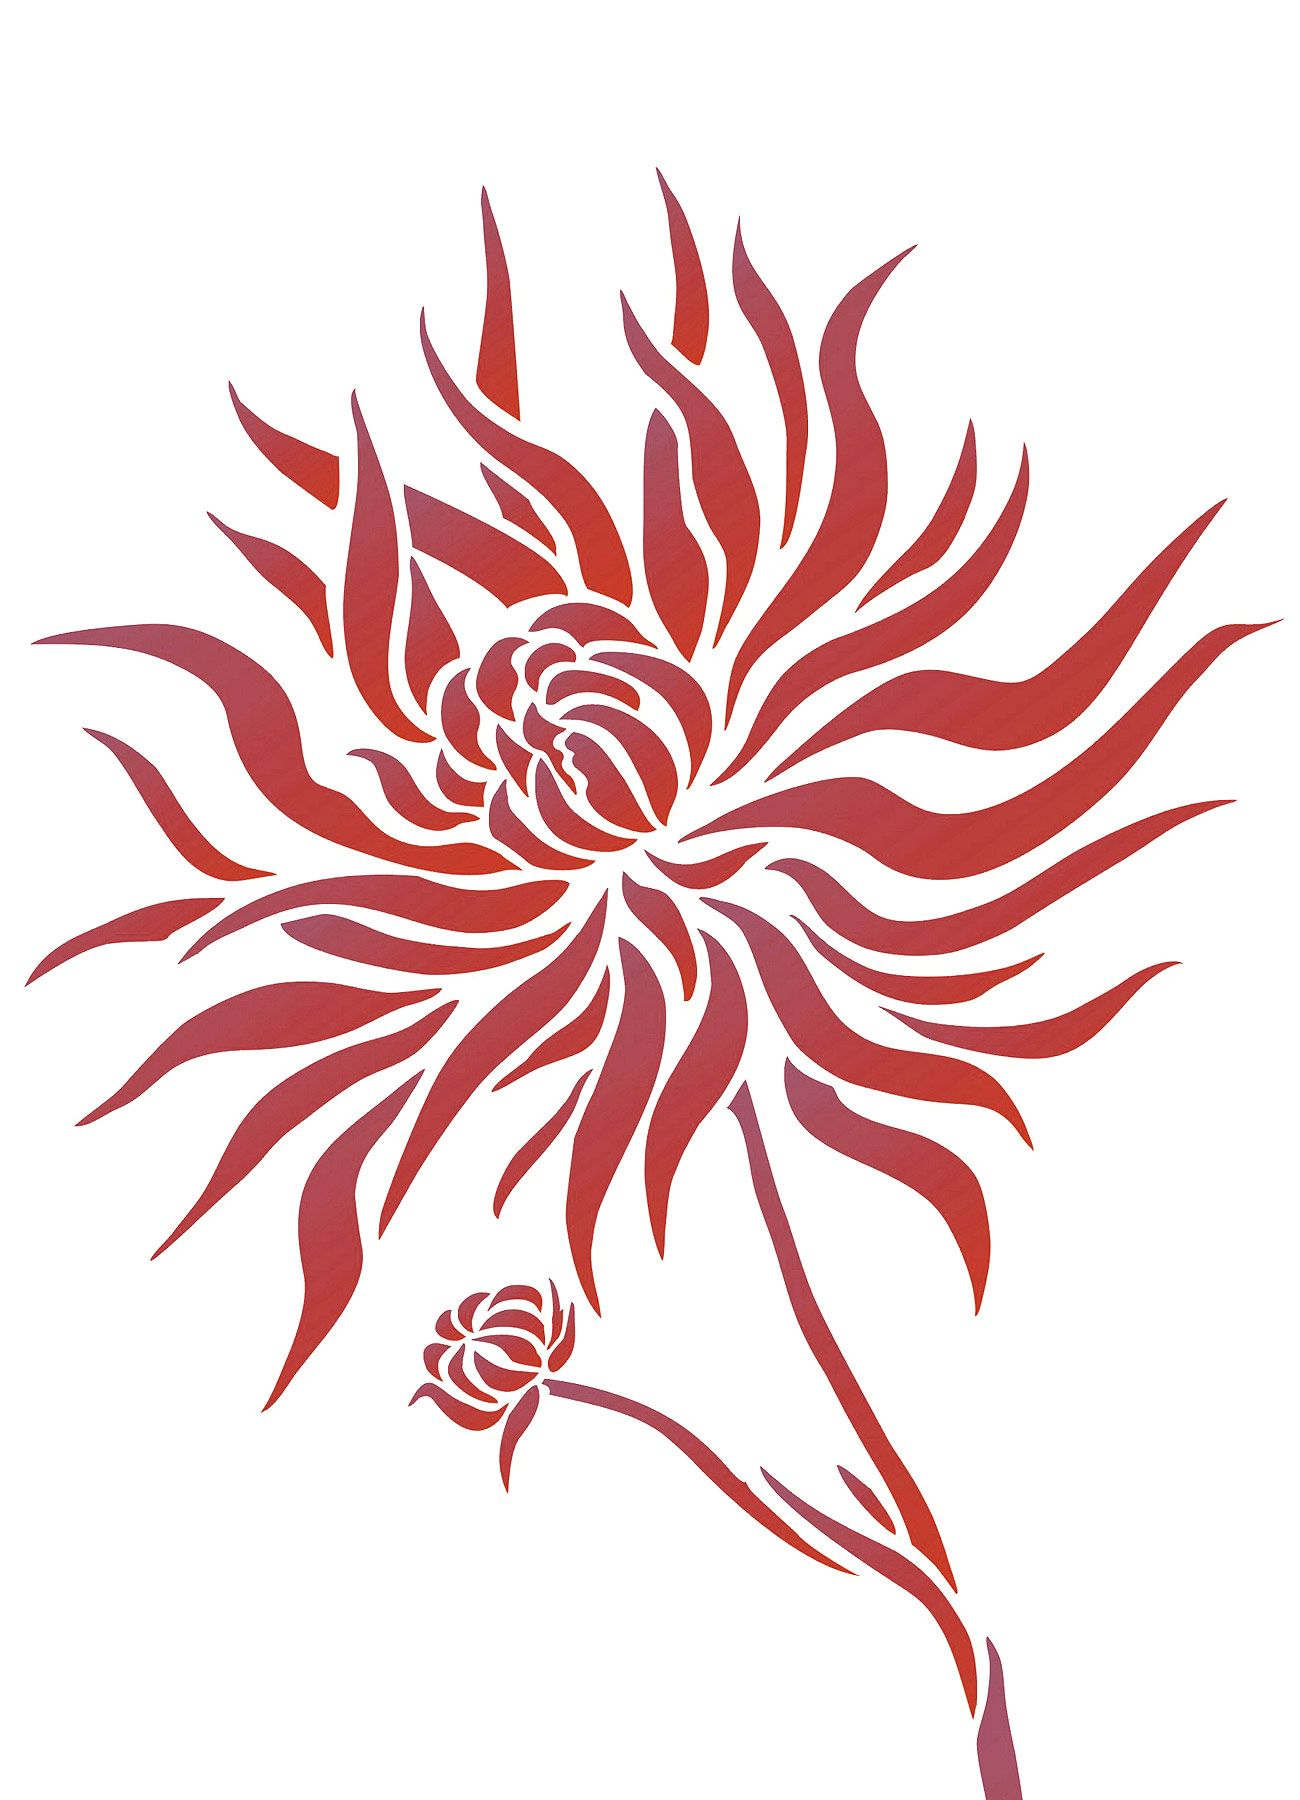 Chrysanthemum Flower Stencil 2 (с изображениями ...